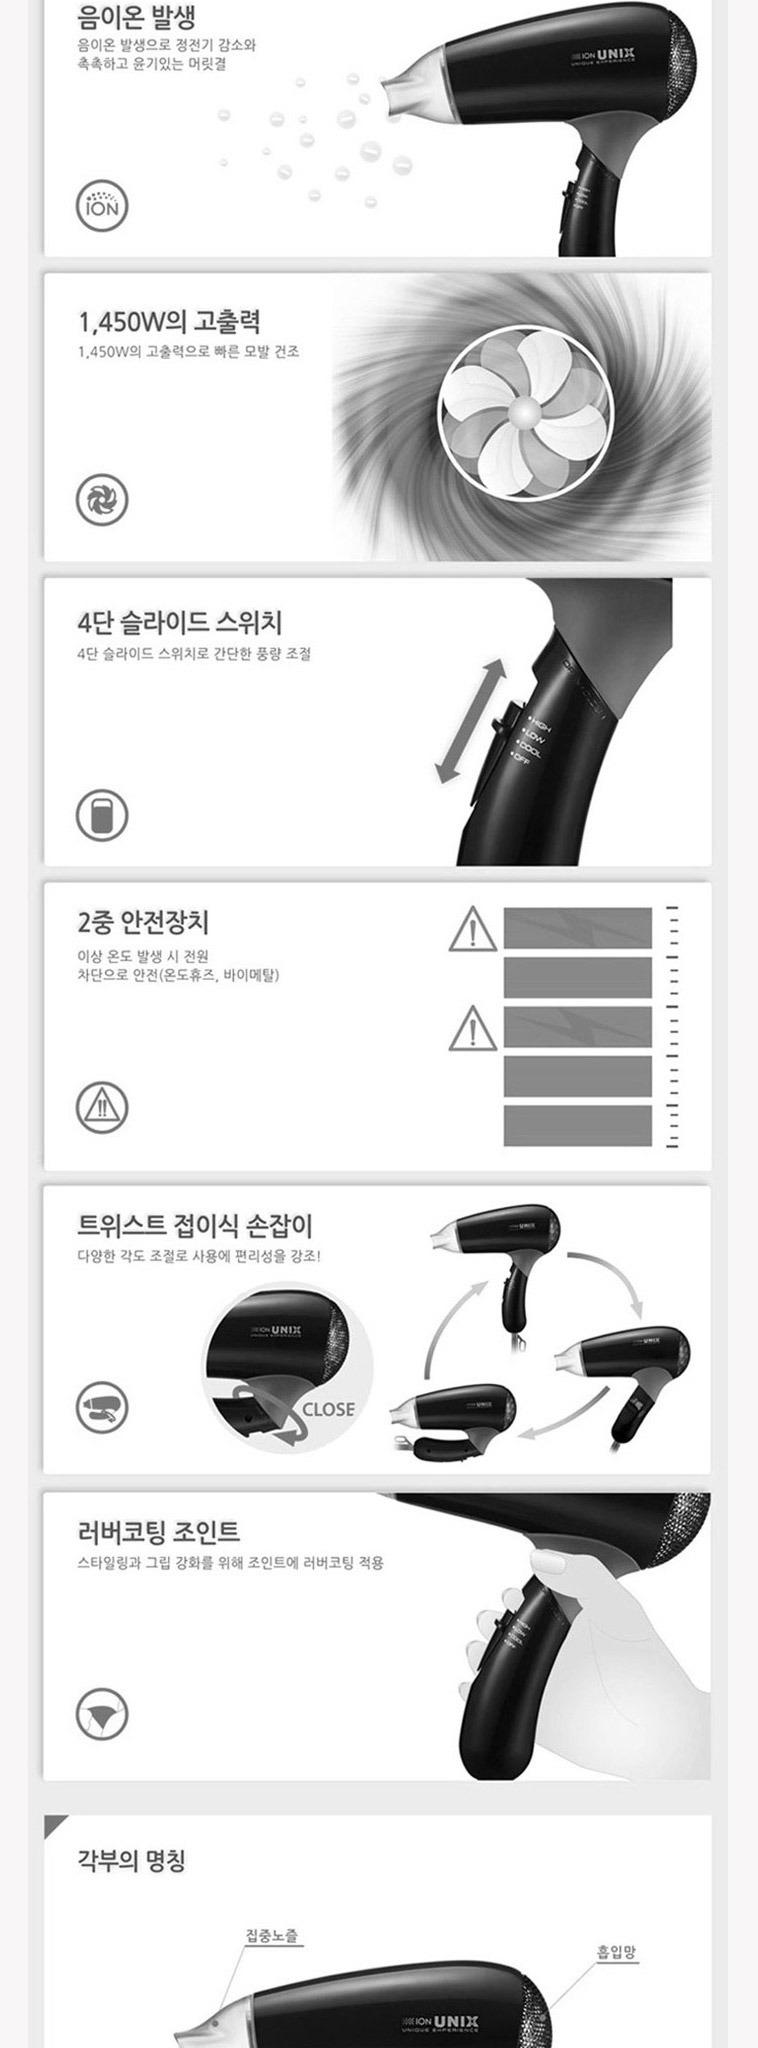 유닉스 접이식 드라이기 9종 모음! - 상세정보